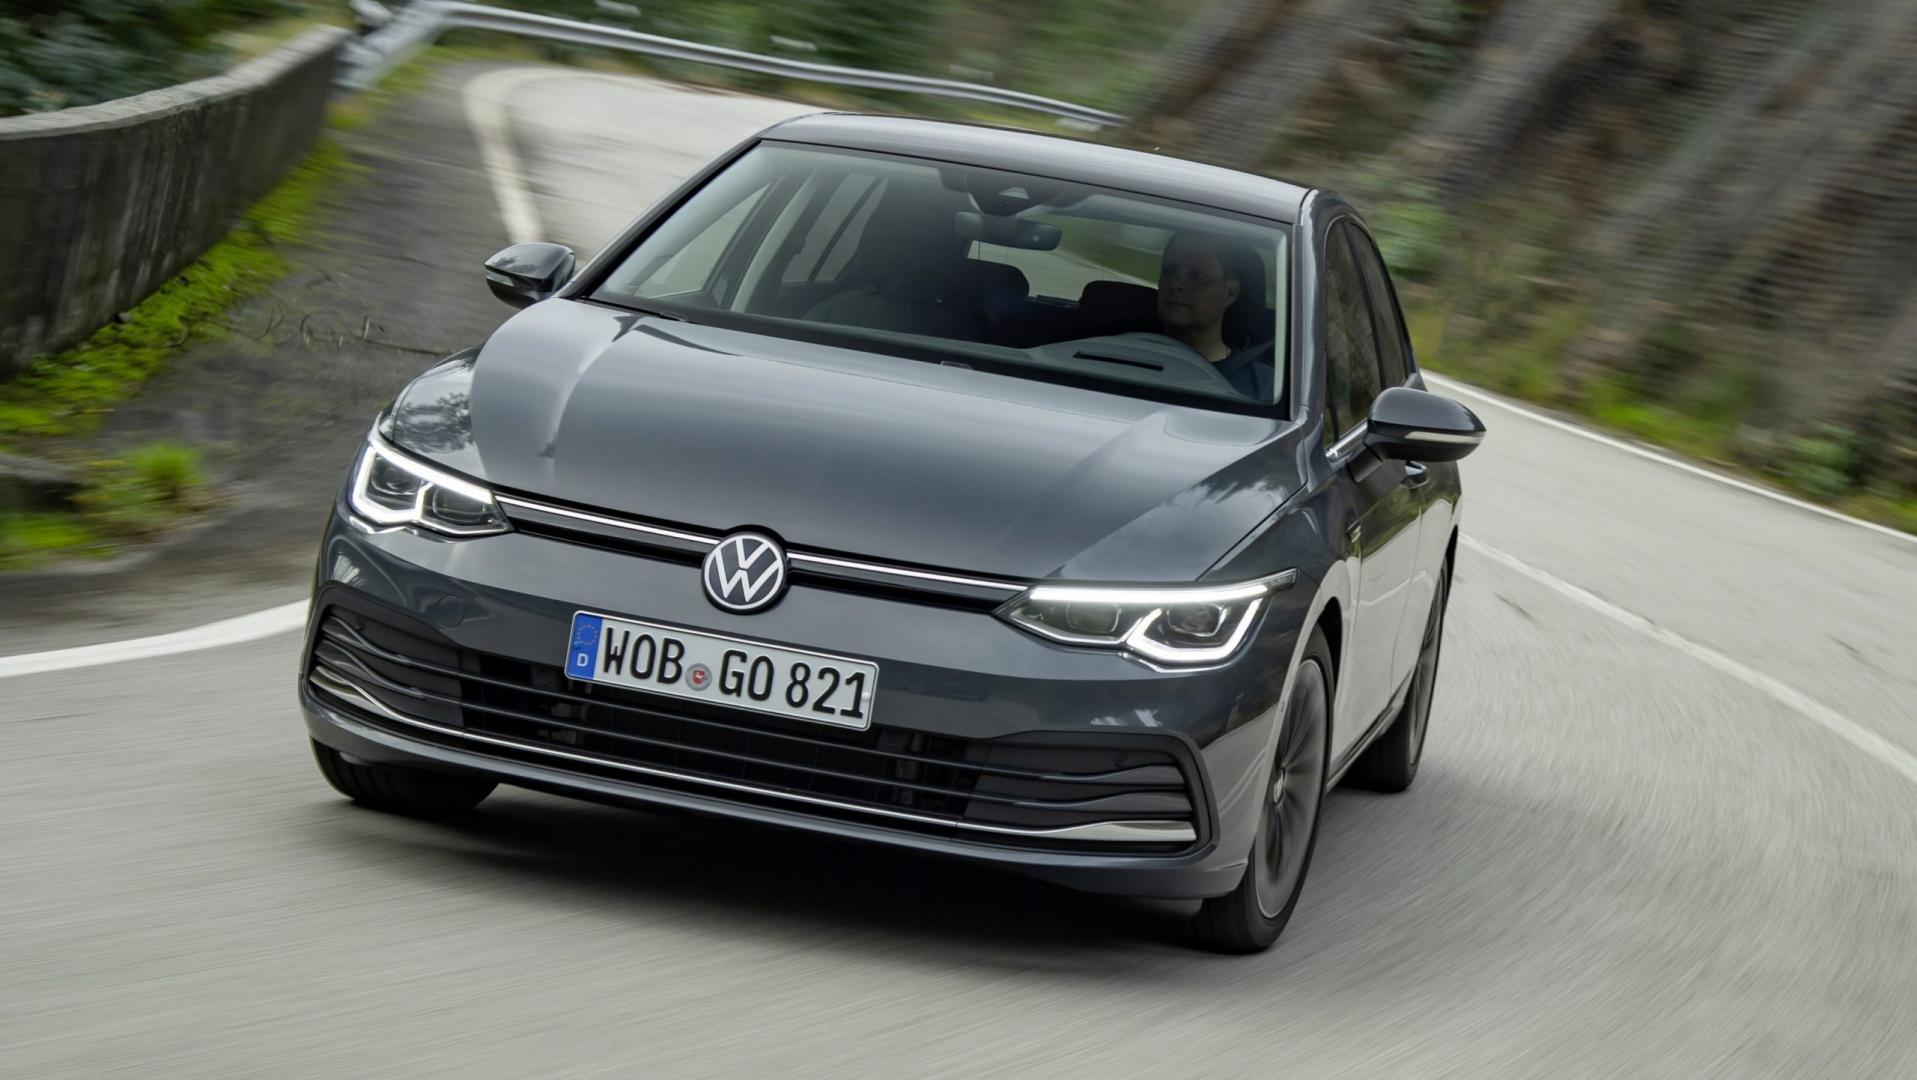 Volkswagen Golf 8 bocht driekwart